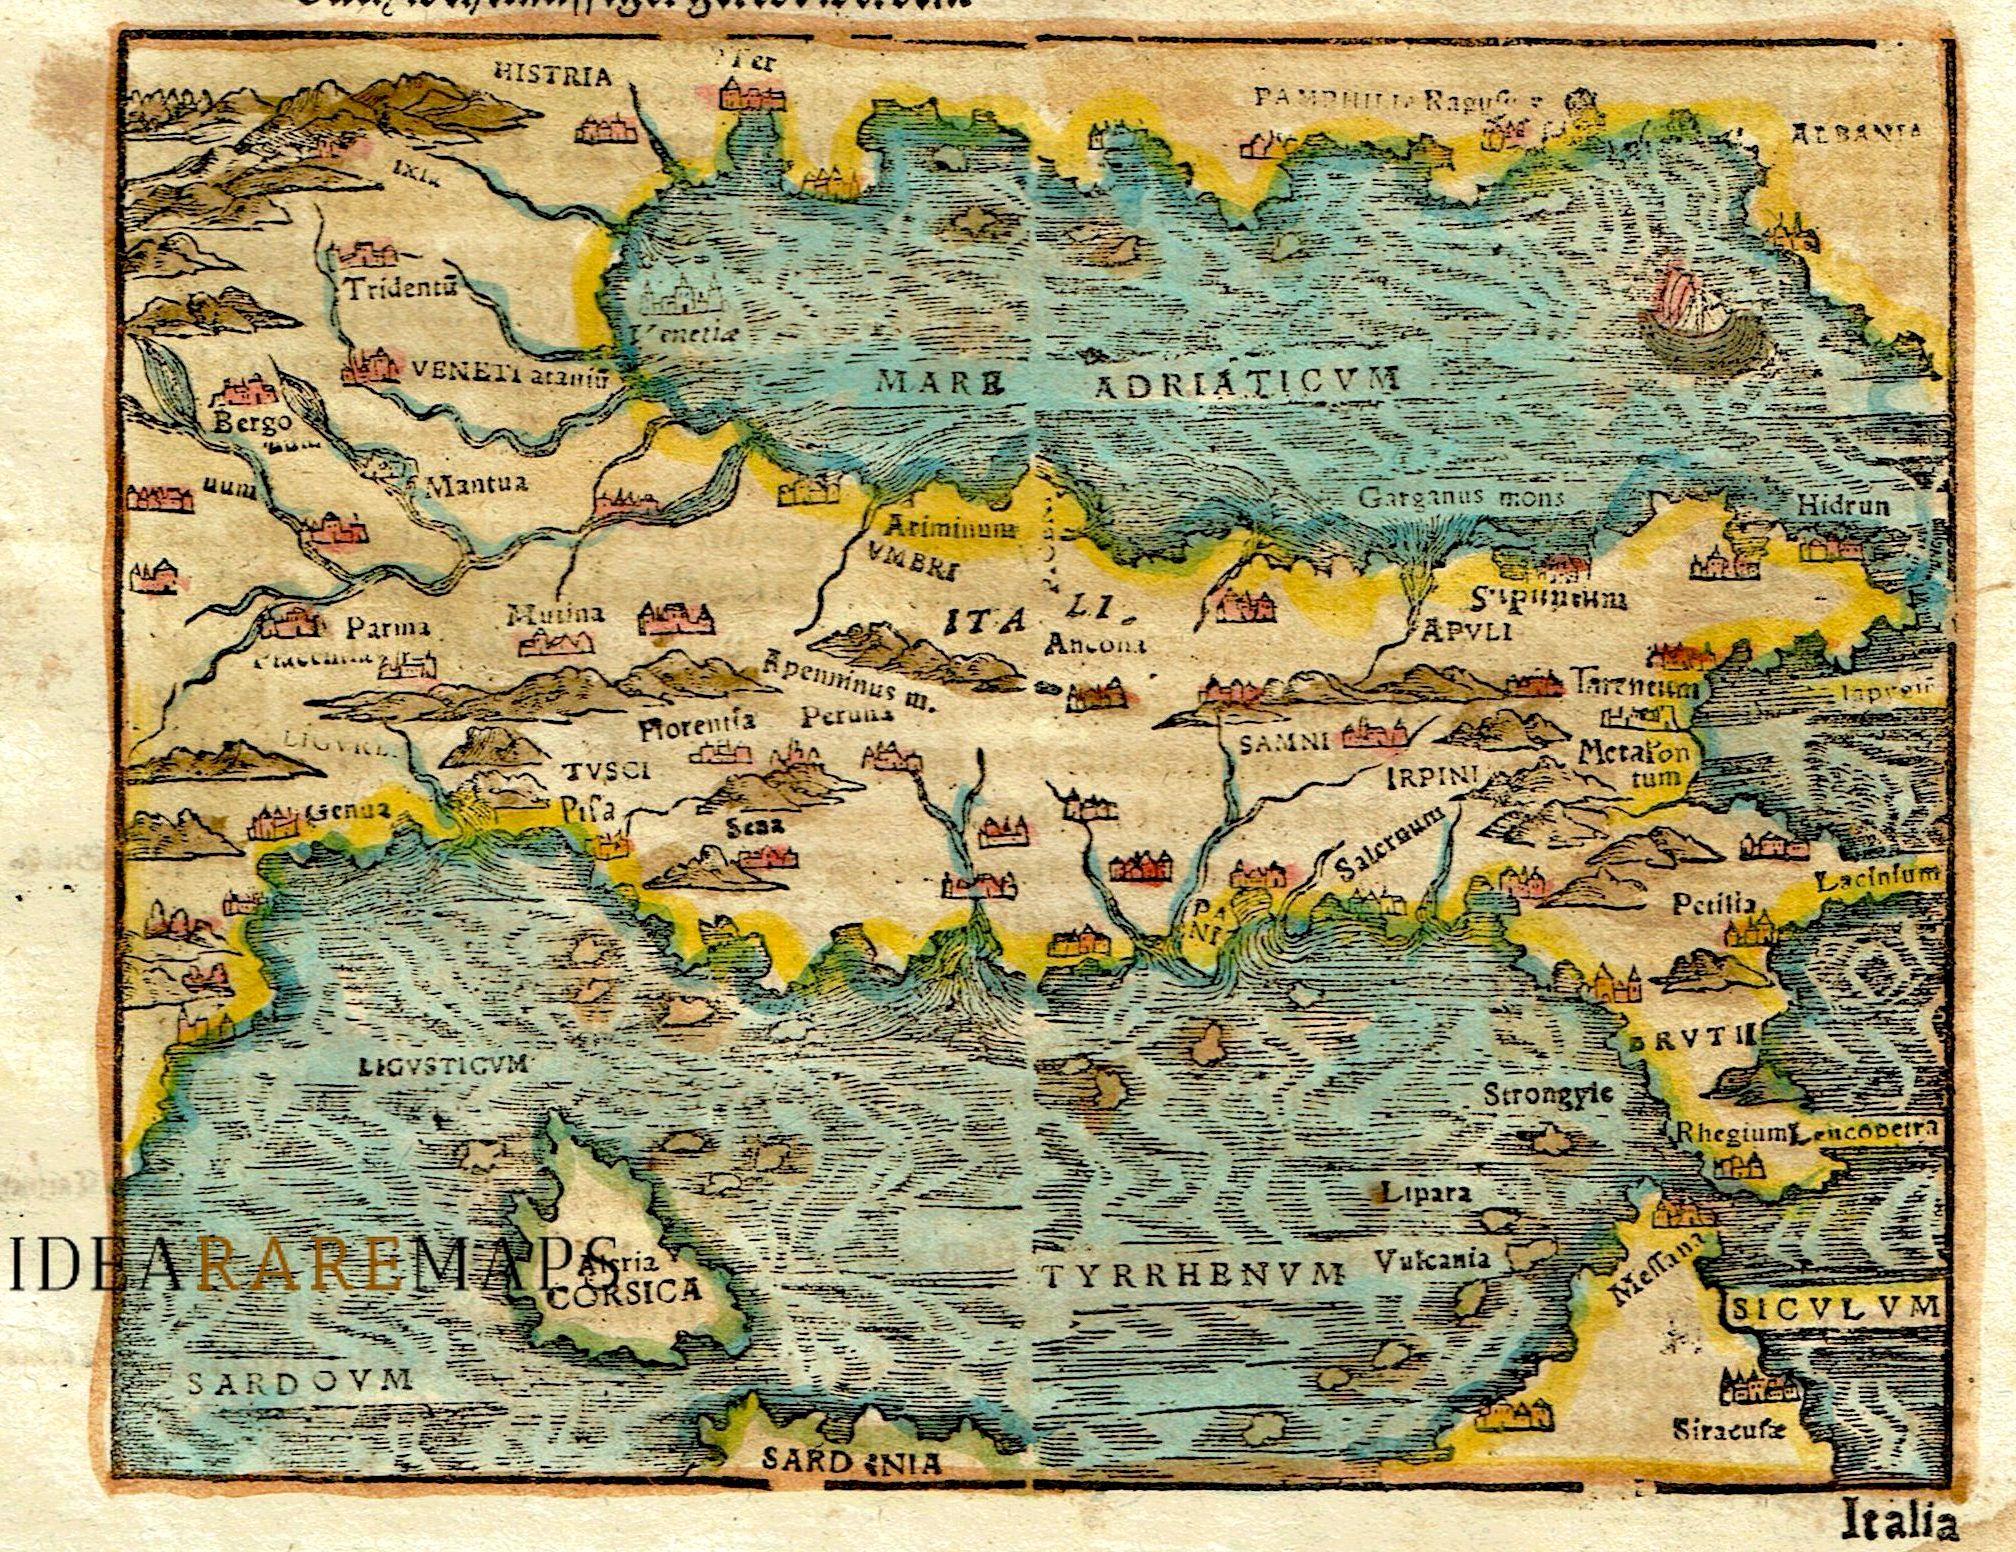 Italy Archivi - Idea Rare Maps